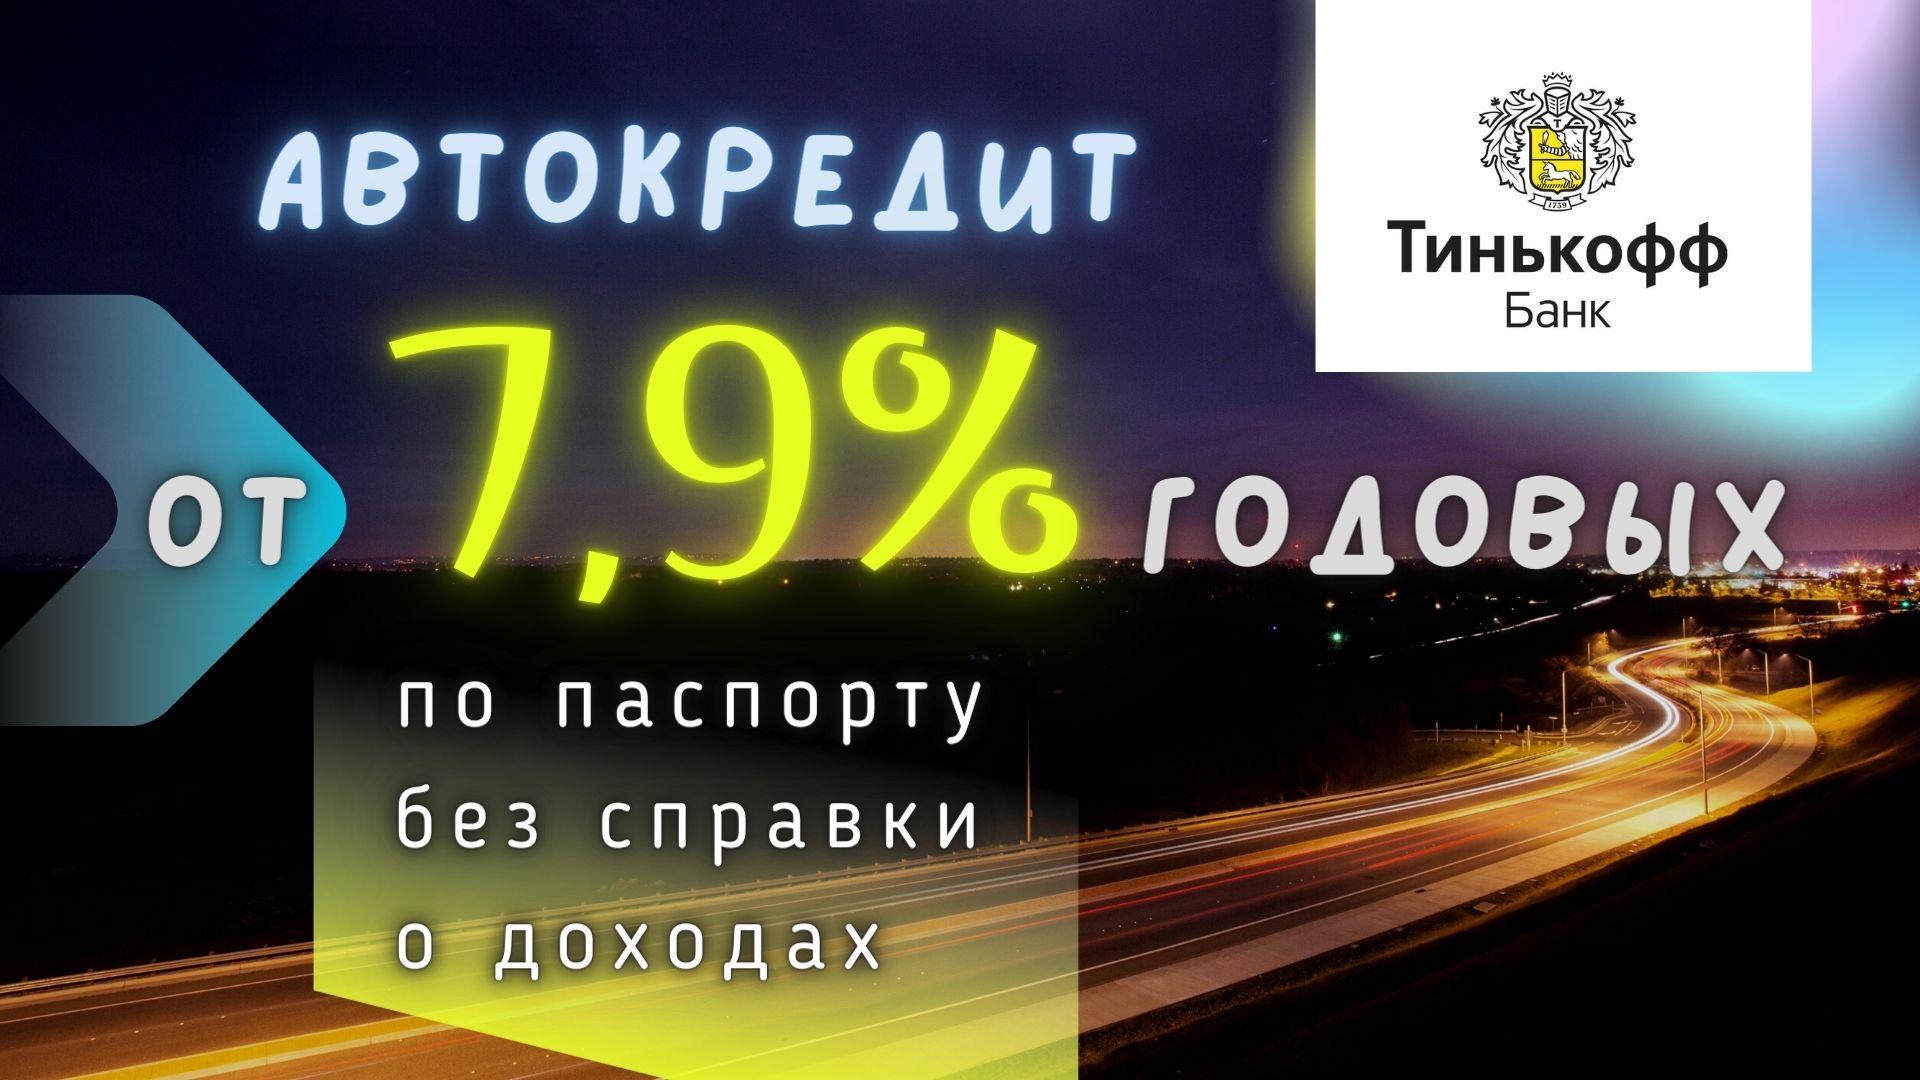 Выгодный Автокредит в Тинькофф банке на подержанный автомобиль